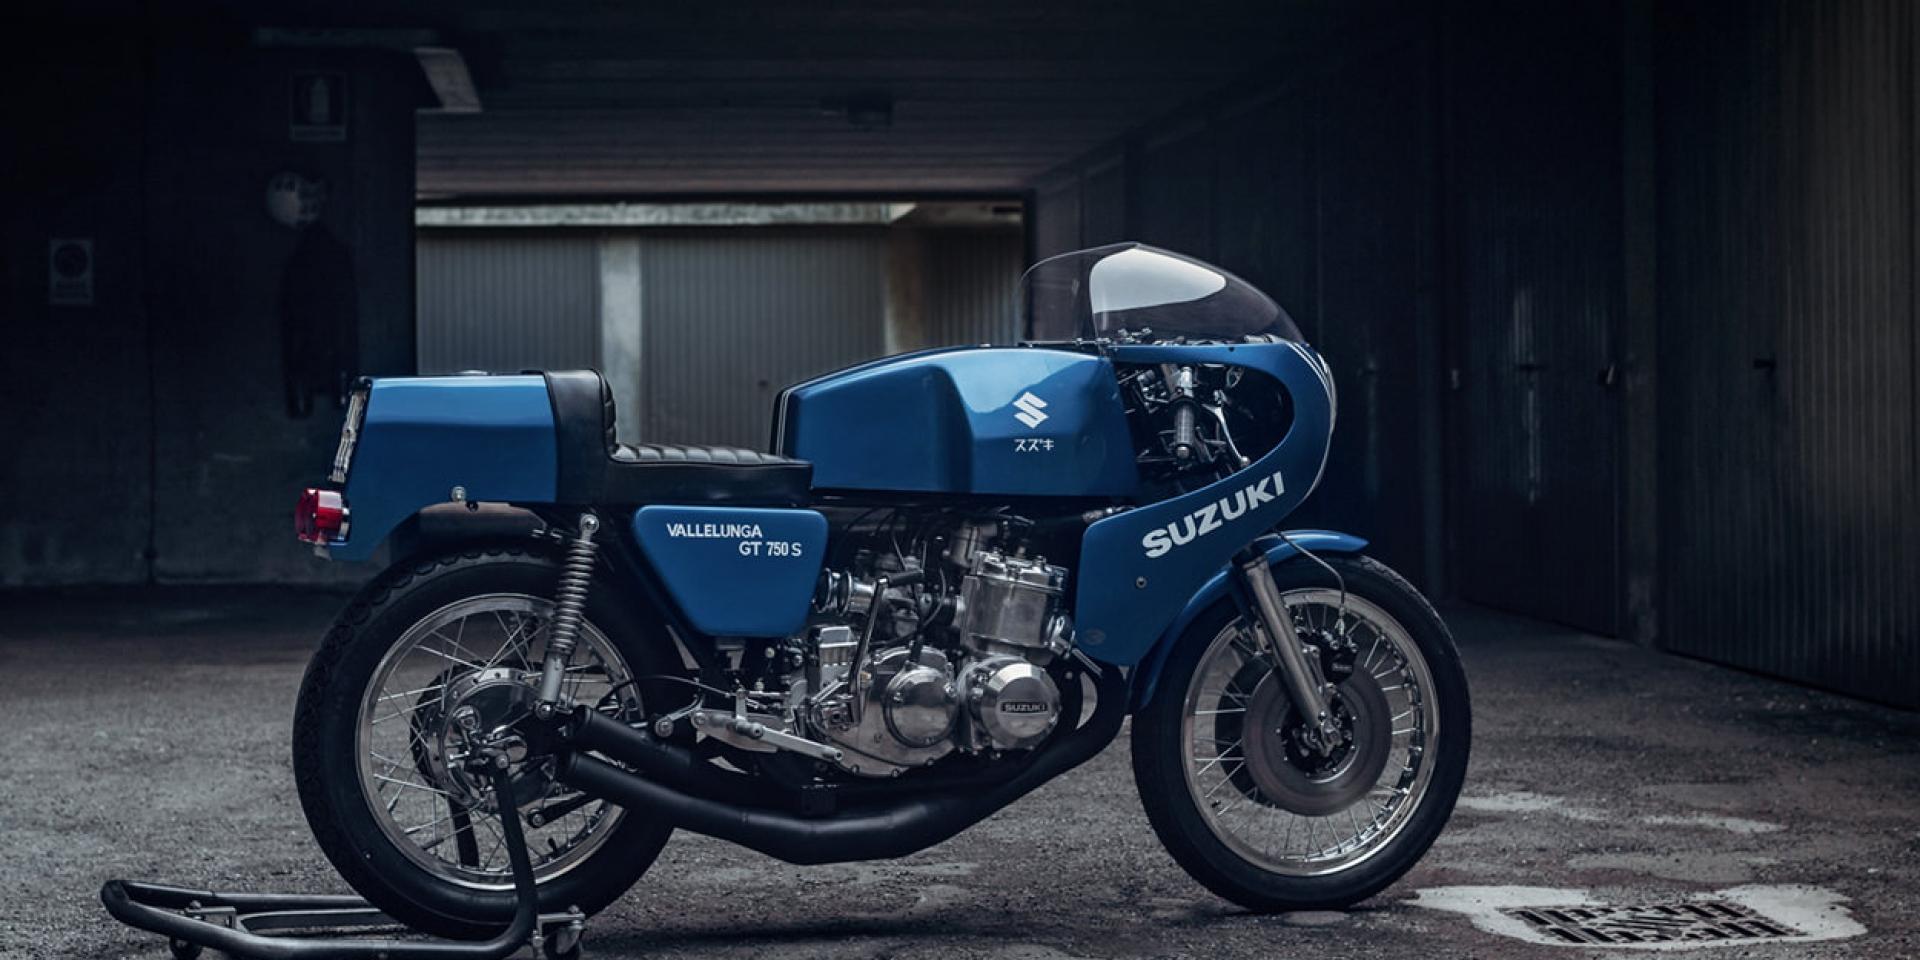 想回到過去,試著讓故事繼續 -  SUZUKI SAIAD GT750 S Vallelunga by  Piedmontese workshop